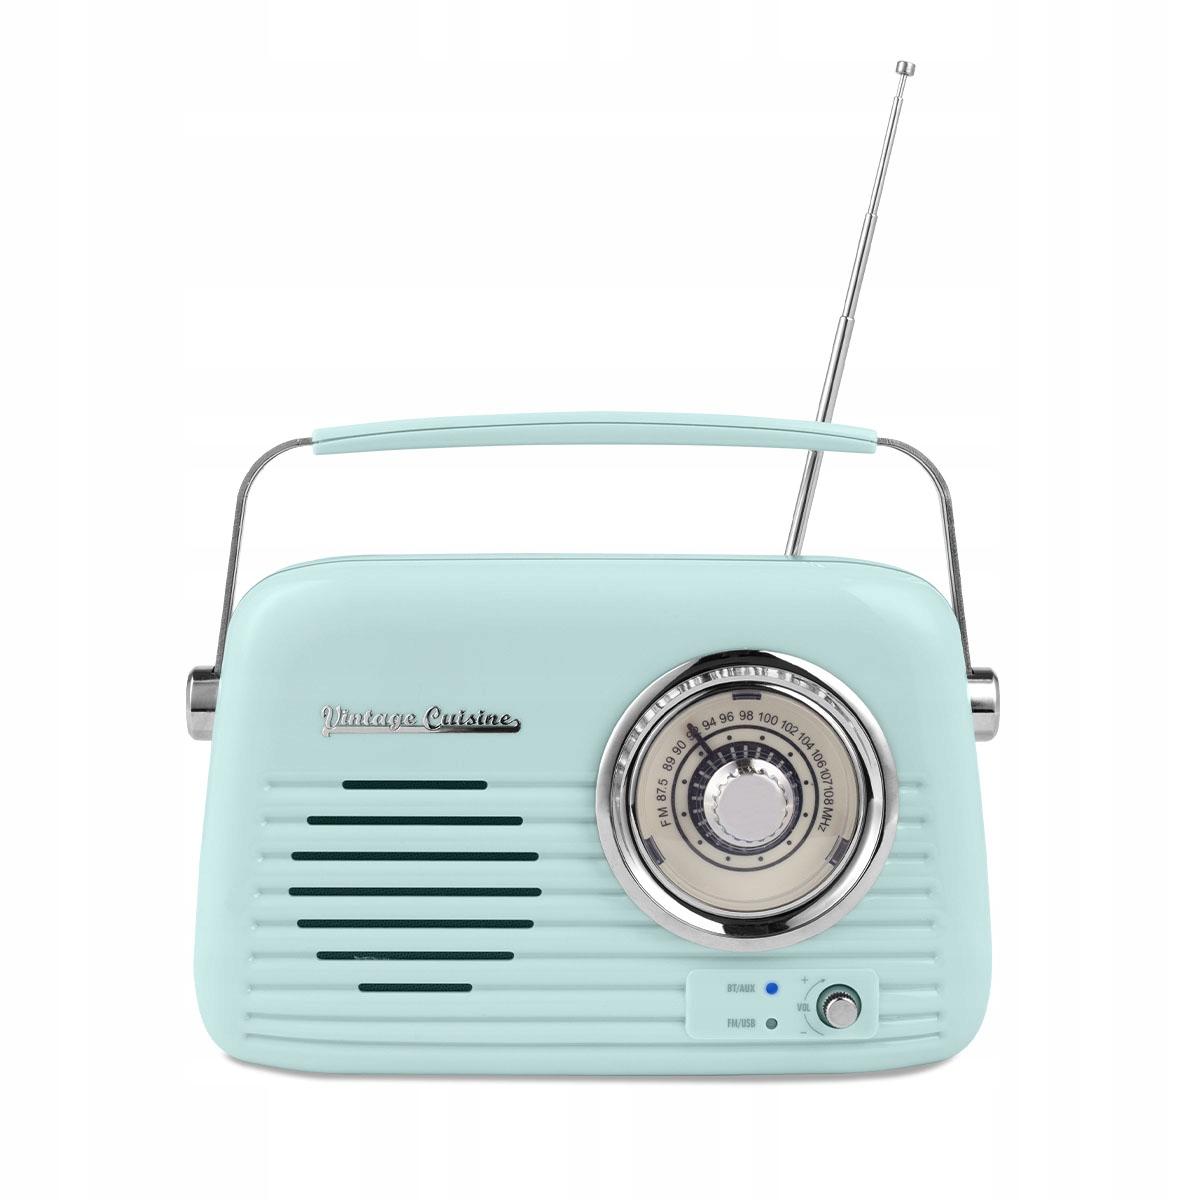 Chrómové rádio Vintage Cuisine s reproduktorom